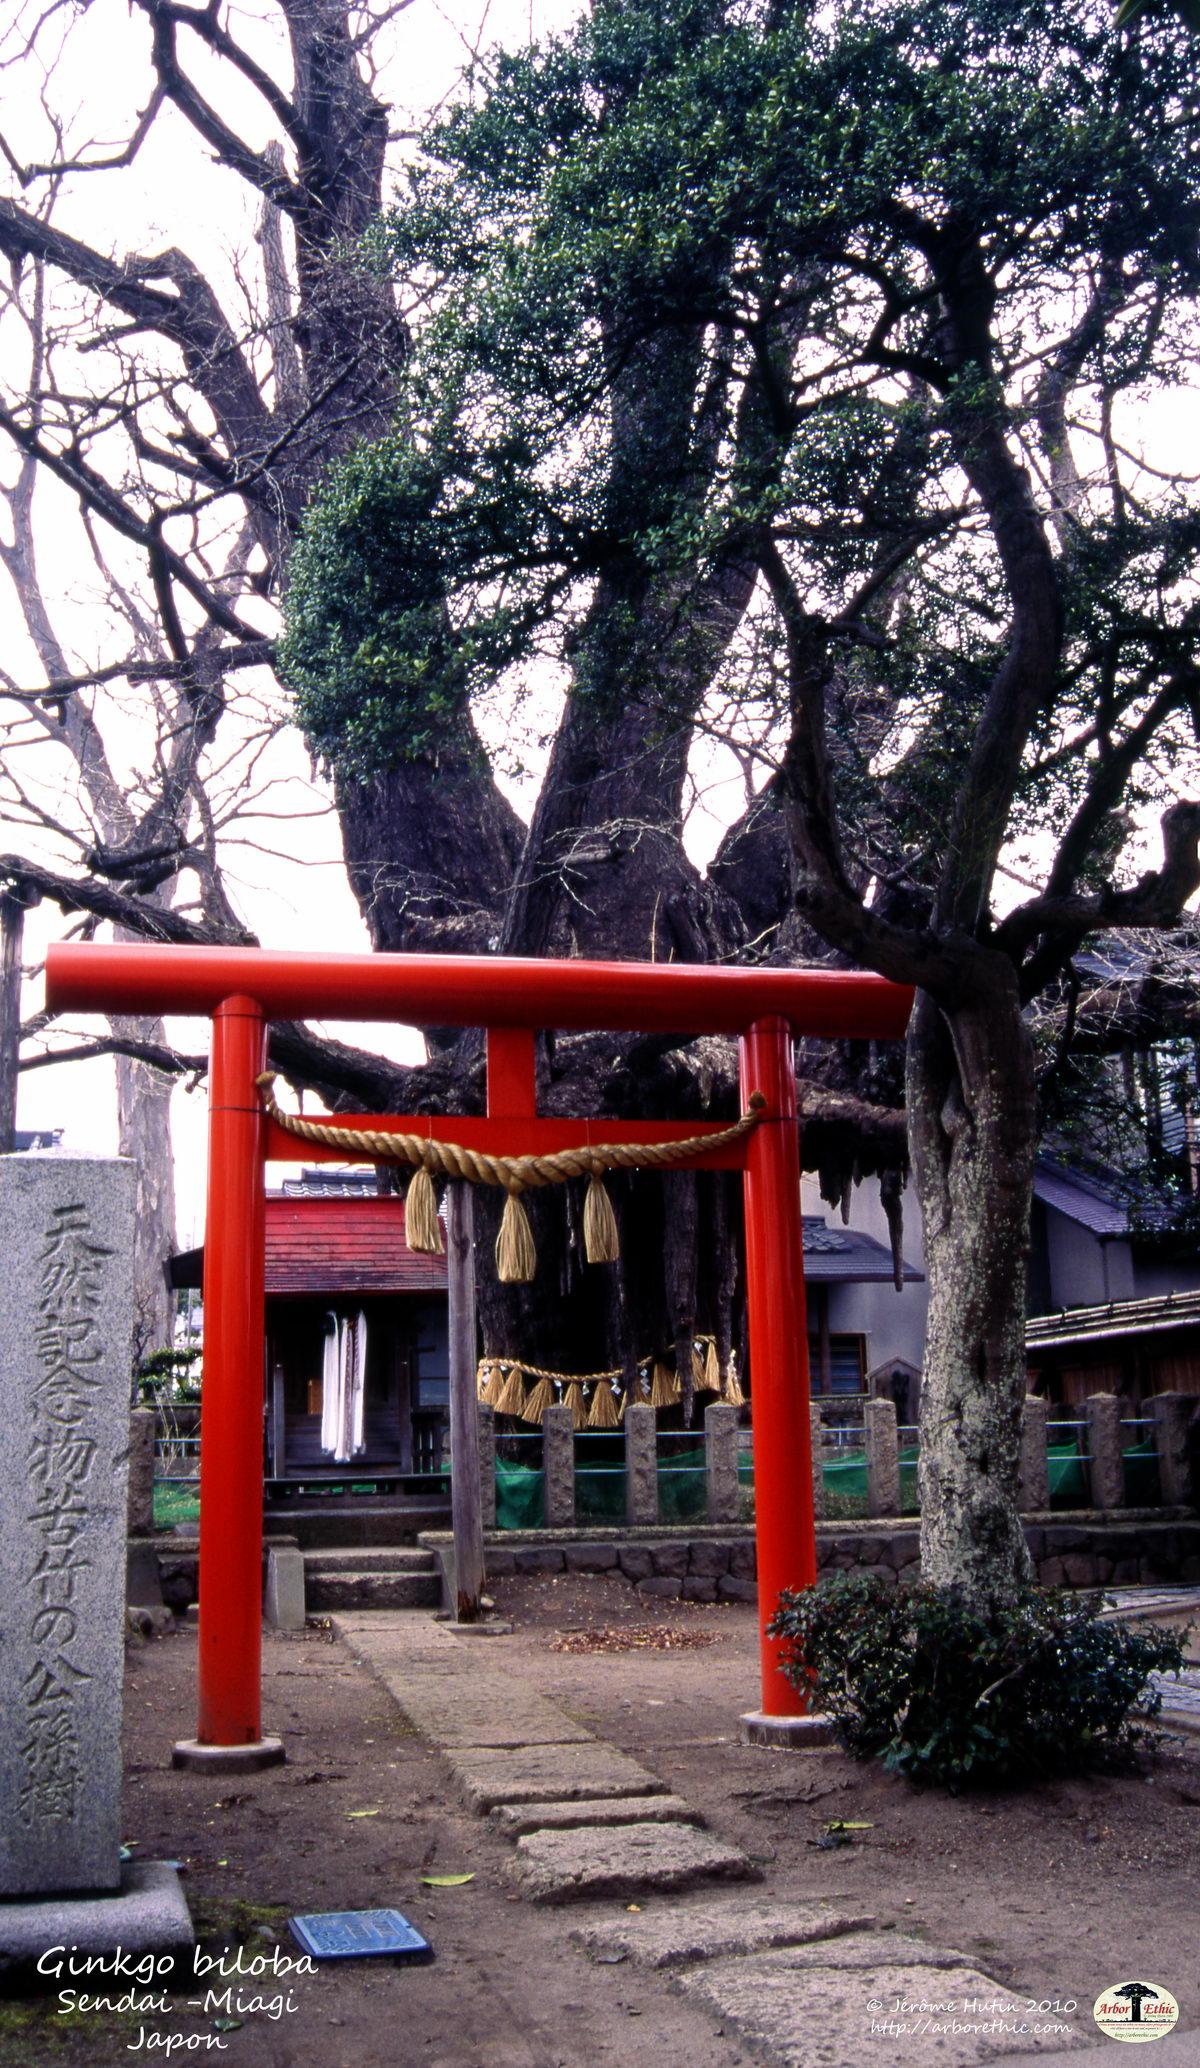 japon_ginkgo_biloba_sendai_miagiken_003